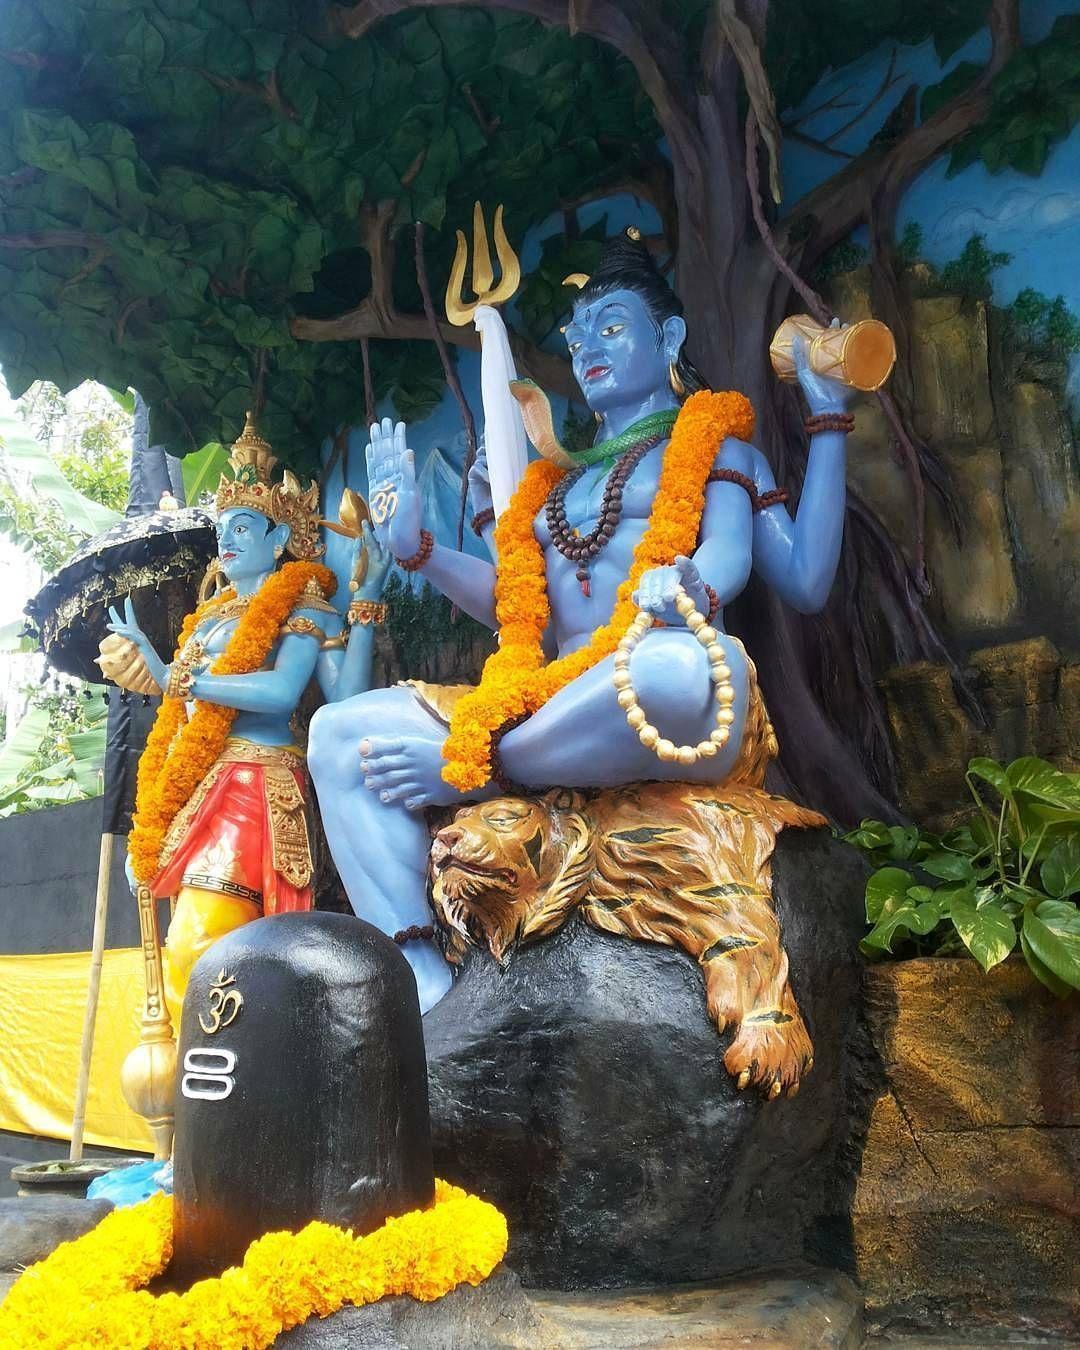 """153 Likes, 8 Comments - Mumbai Ganesha™ (@mum_ganesha) on Instagram: """"॥ गणपती बाप्पा मोरया ॥ ॥ मंगलमुर्ती मोरया ॥ #mumbai_ganesha_official #ganpati_bappa_clickography…"""""""